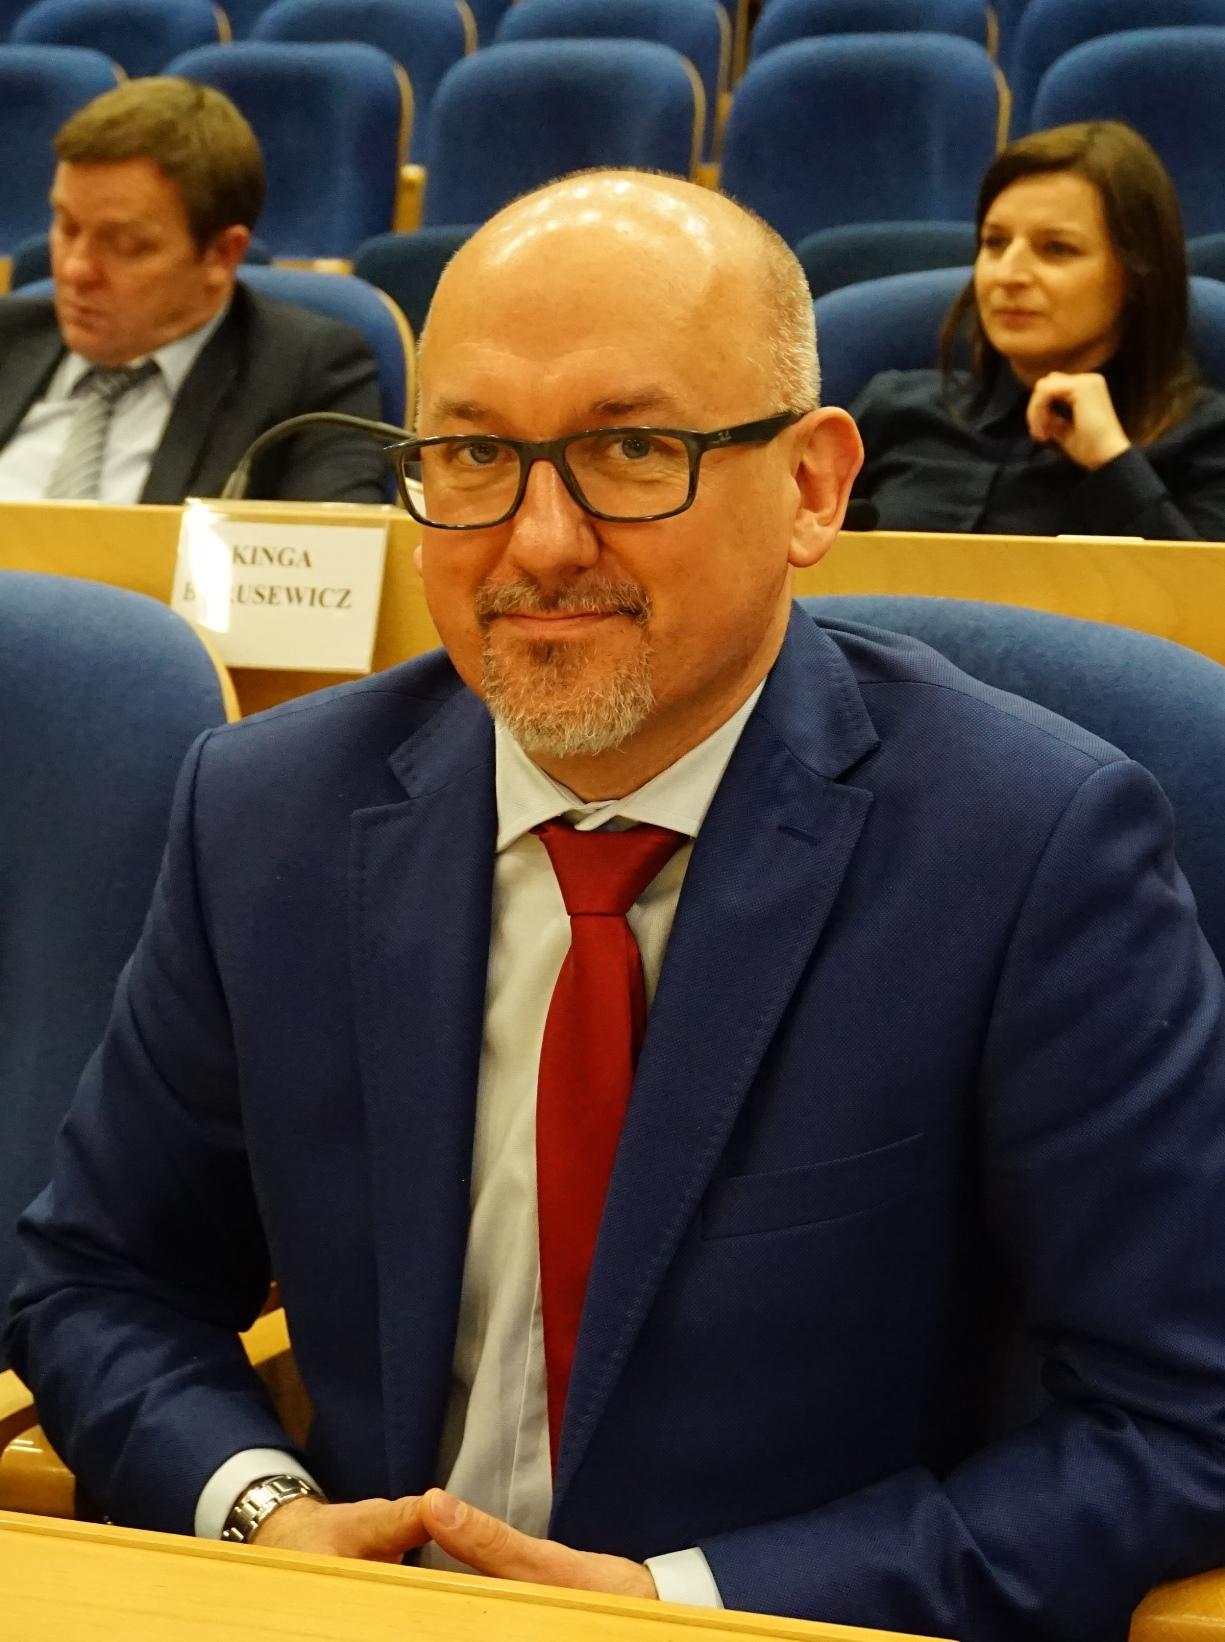 Radny Rafał Neumann